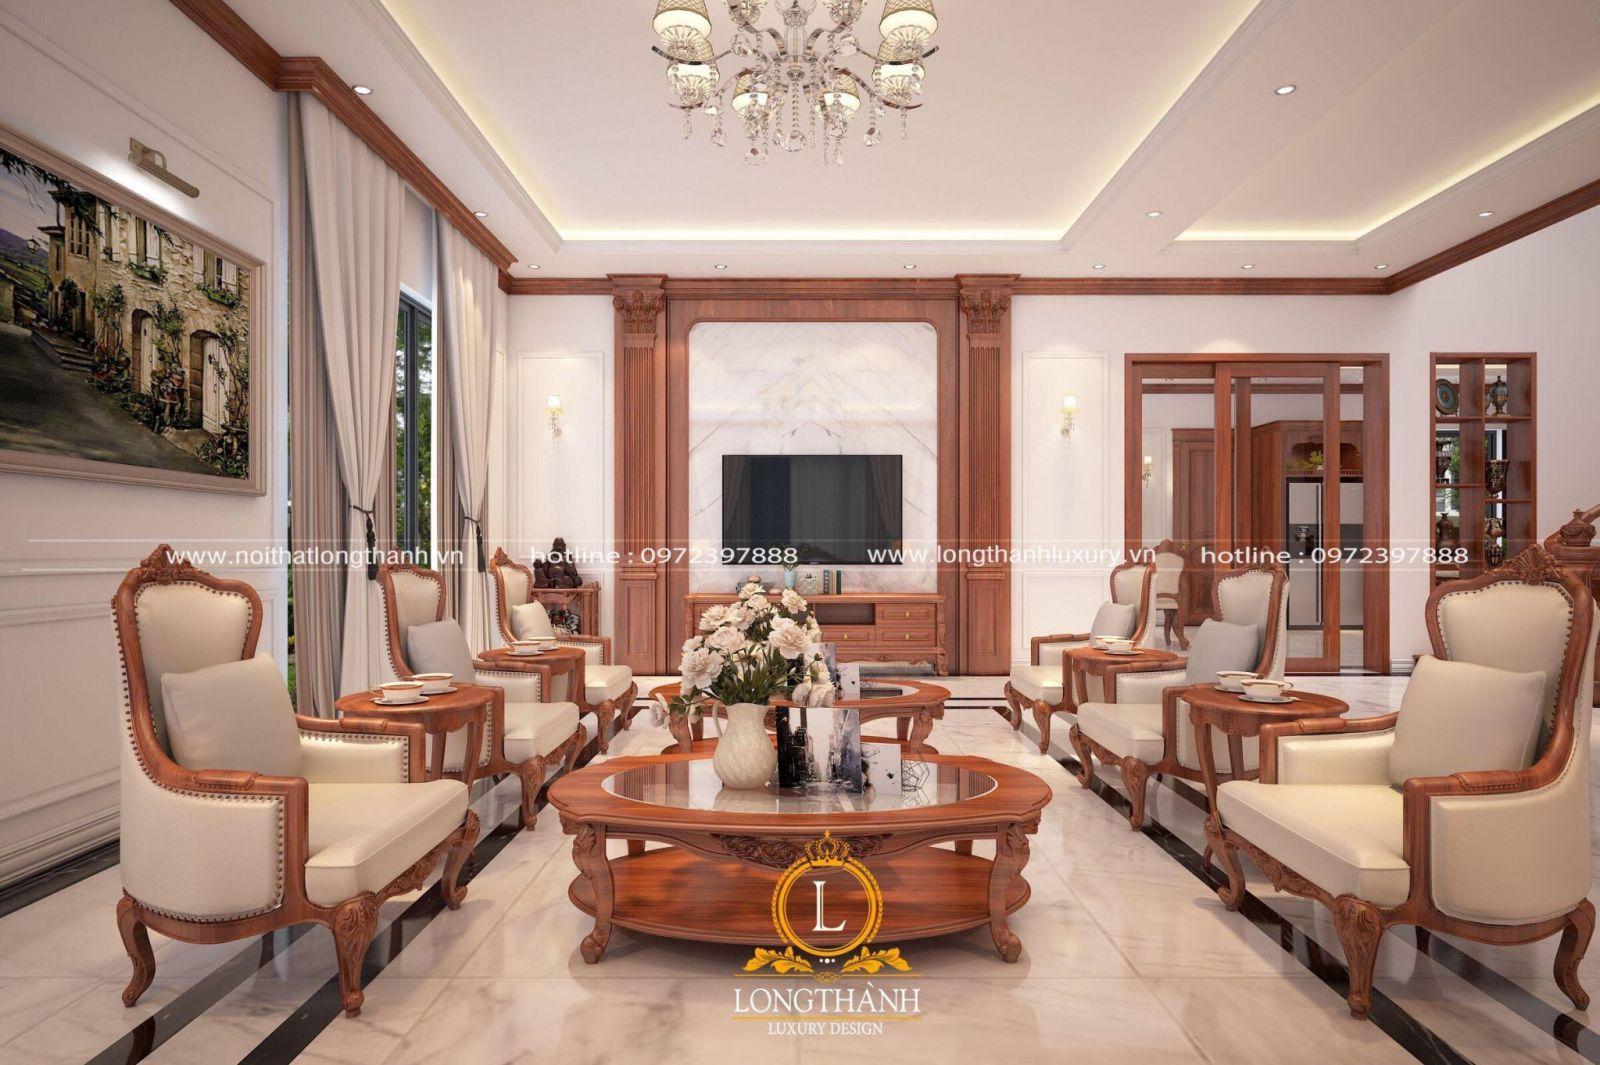 Sofa tân cổ điển với thiết kế đơn giản